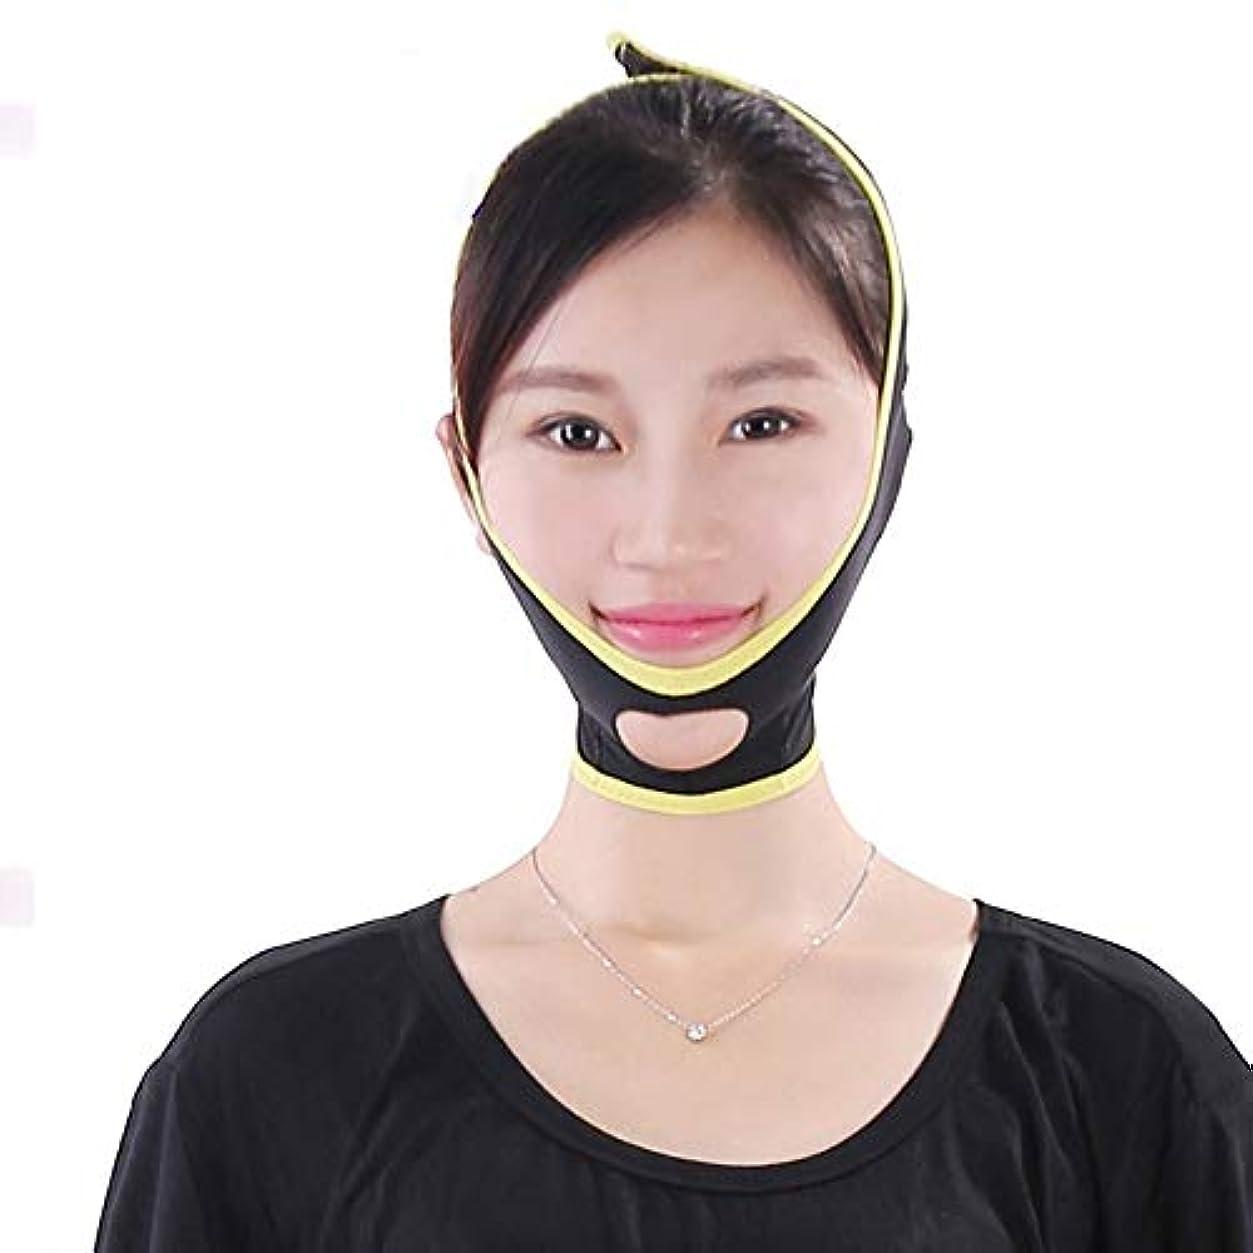 居心地の良いデクリメント修士号Vフェイスマスク、フェイスリフティングアーティファクト、美容マスク、顔のしわ防止、減量、二重あご